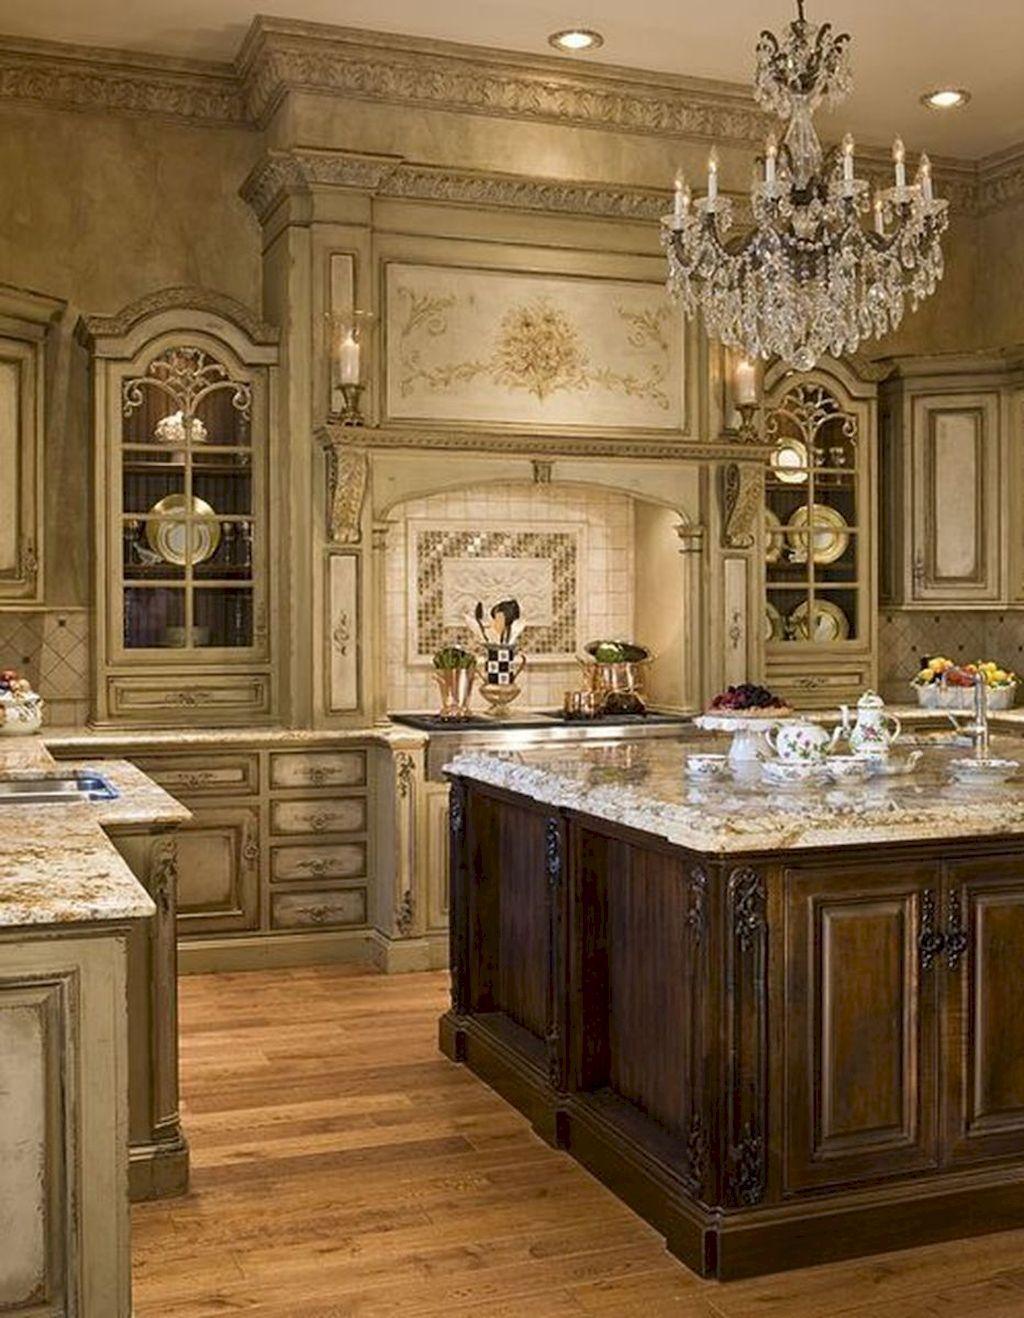 Best 37 Best French Country Kitchen Design Ideas Luxury 640 x 480